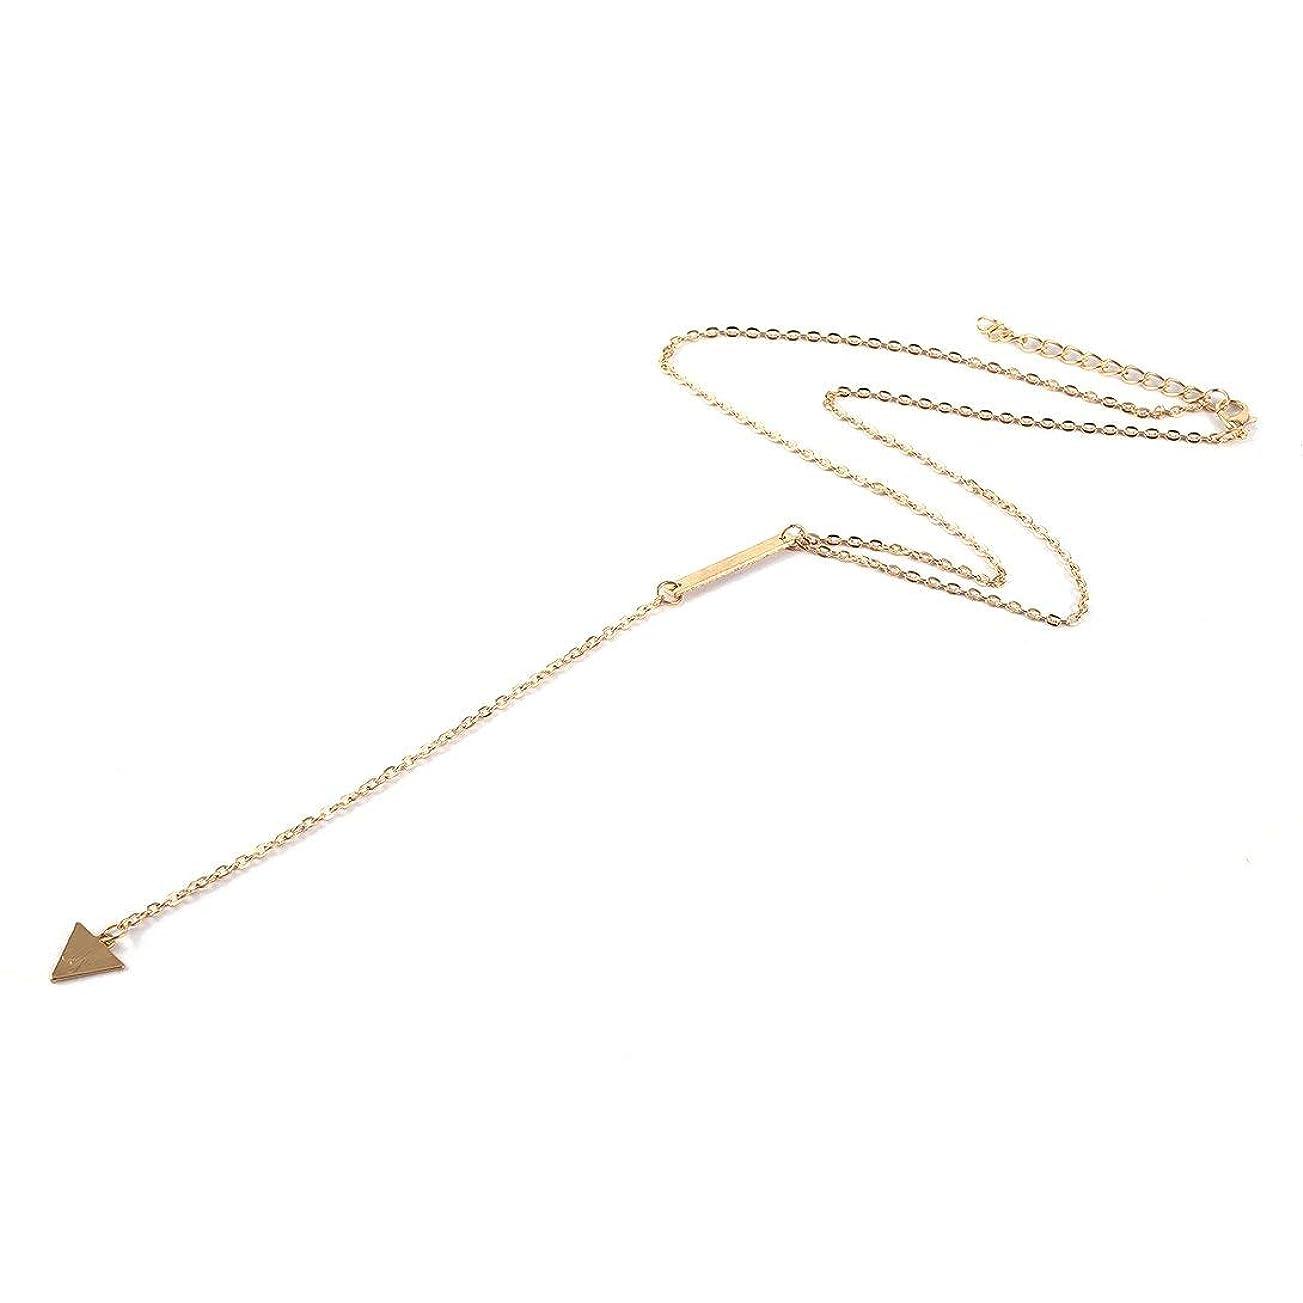 松の木現像親密なSwiftgood 洗練された合金ペンダントネックレス女性のための長いチェーンペンダント装飾とファッションチャームジュエリー黄金色